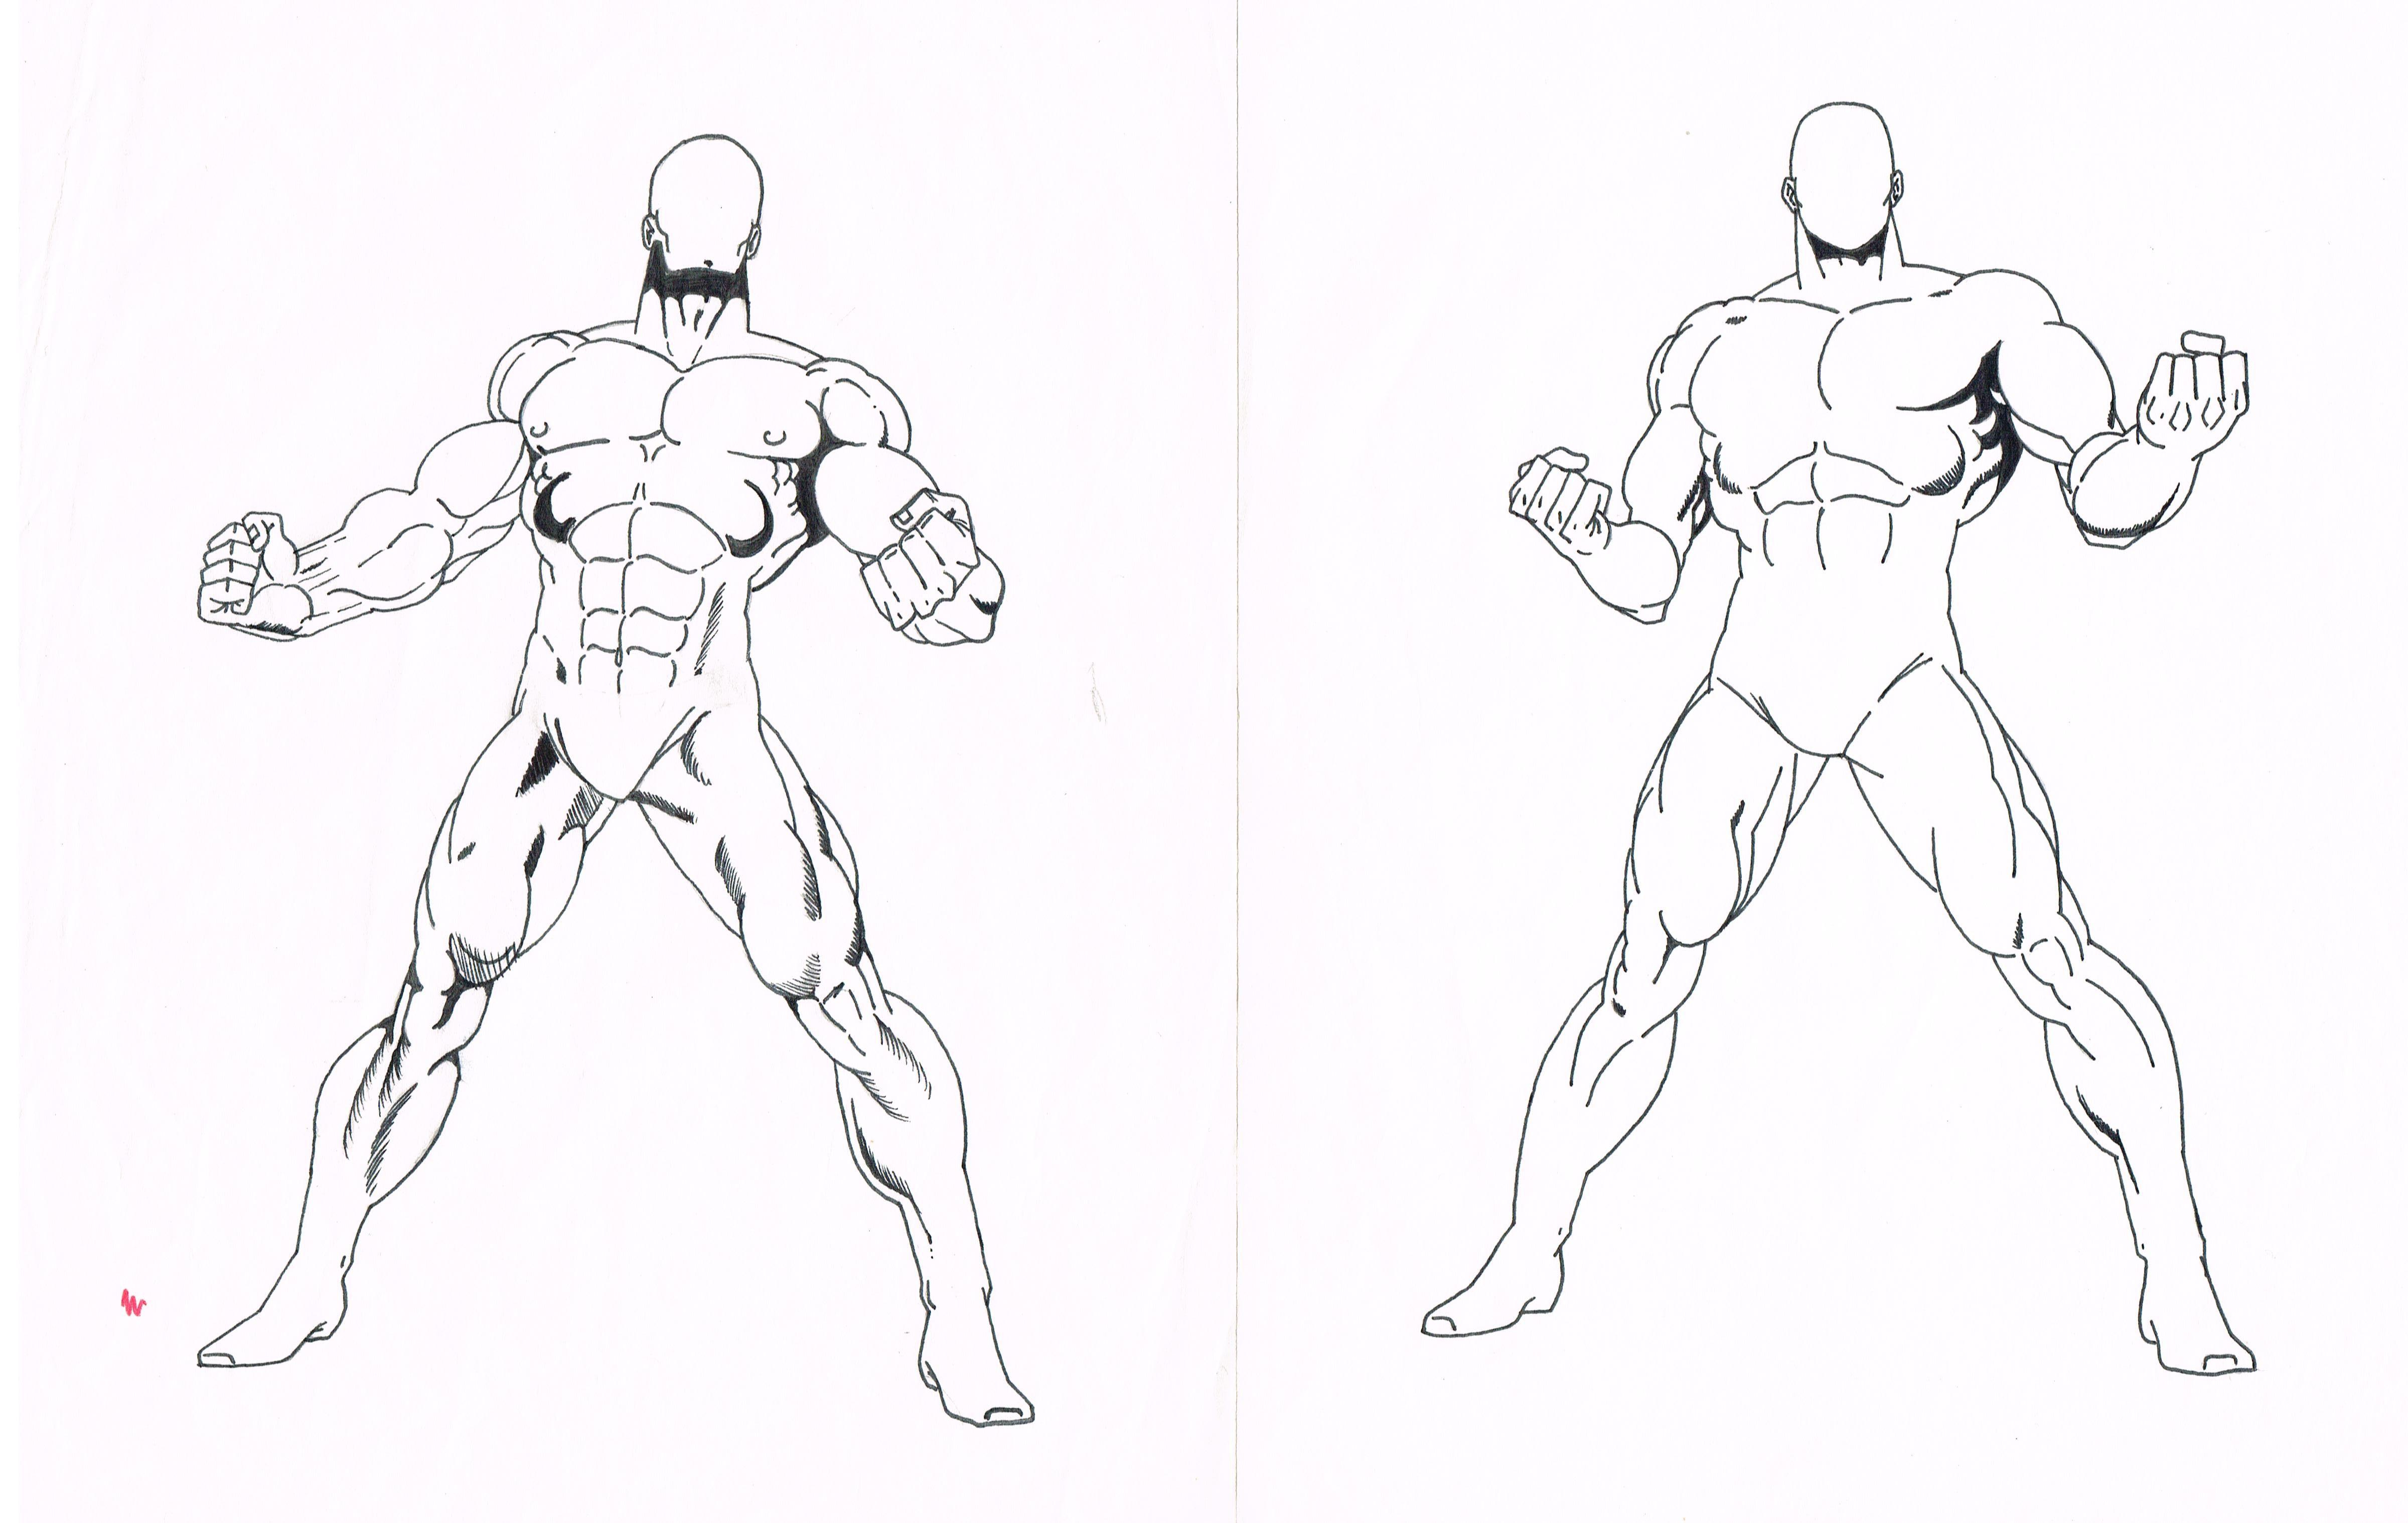 heroic poses buscar con google cuerpo humano